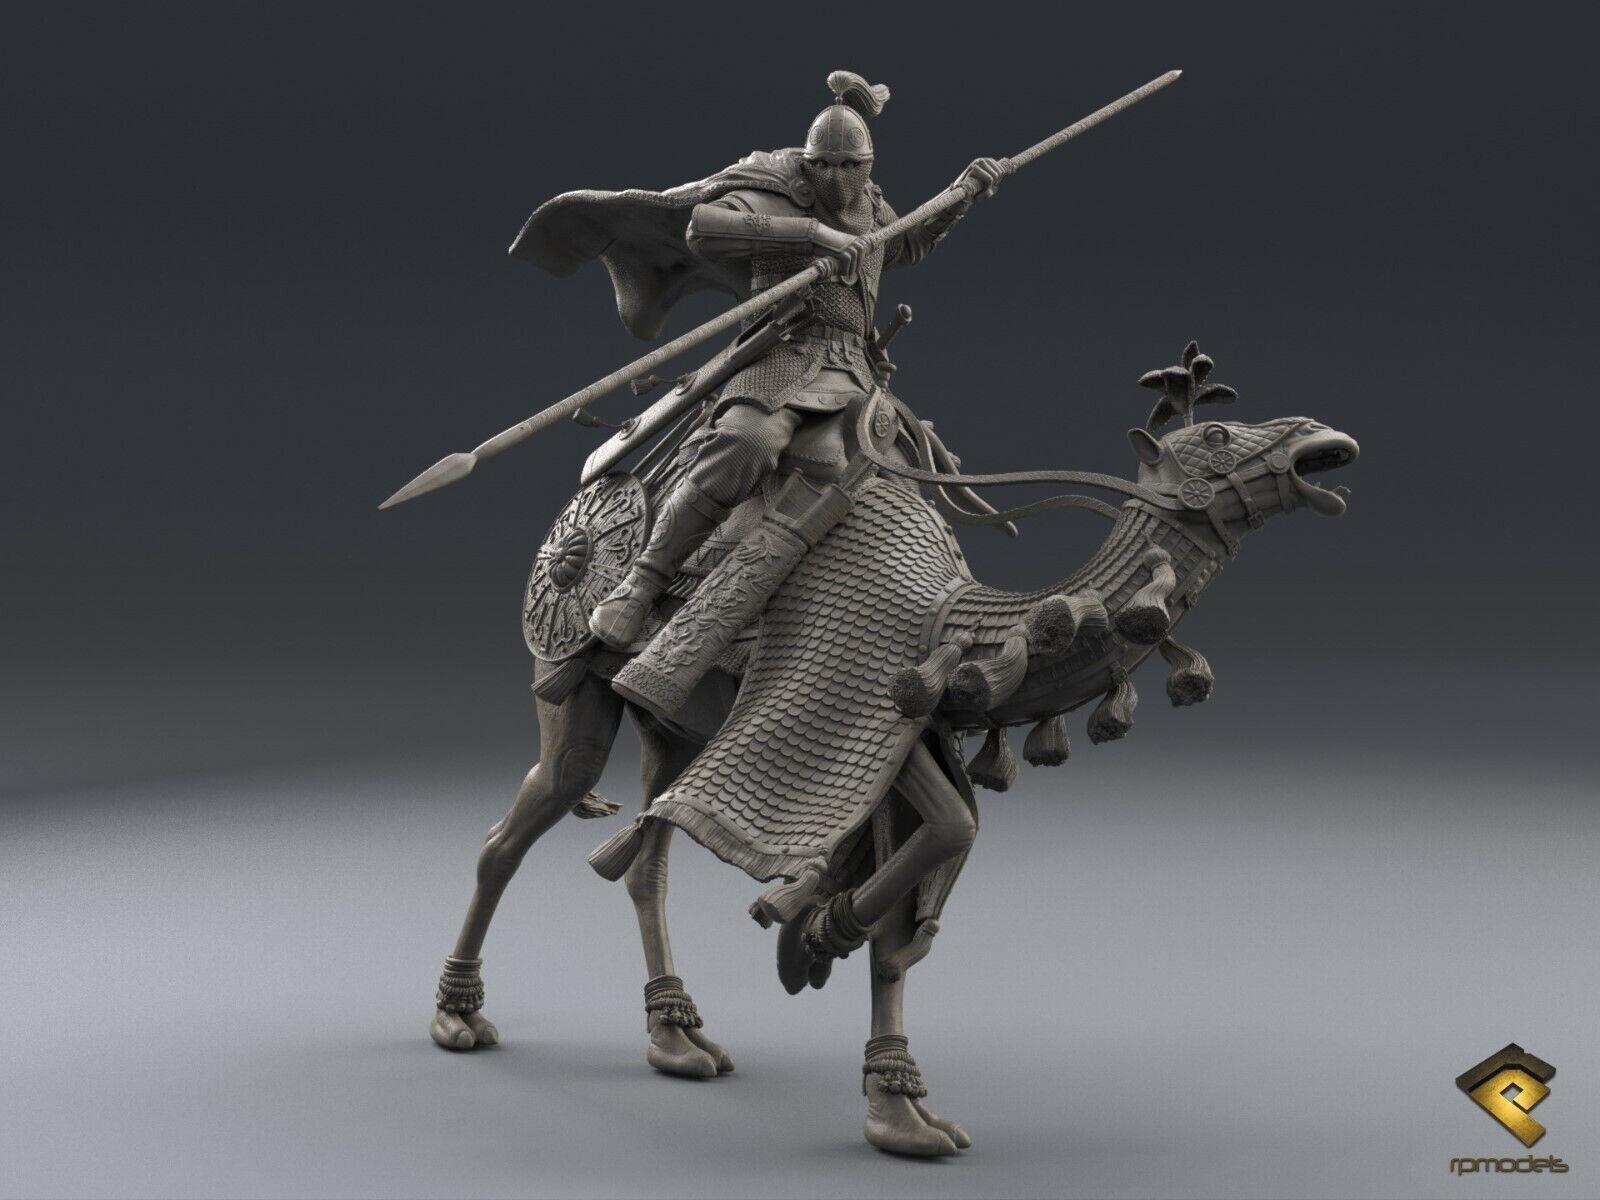 RP Models Parthian Cataphract Unpainted 75mm Figure kit